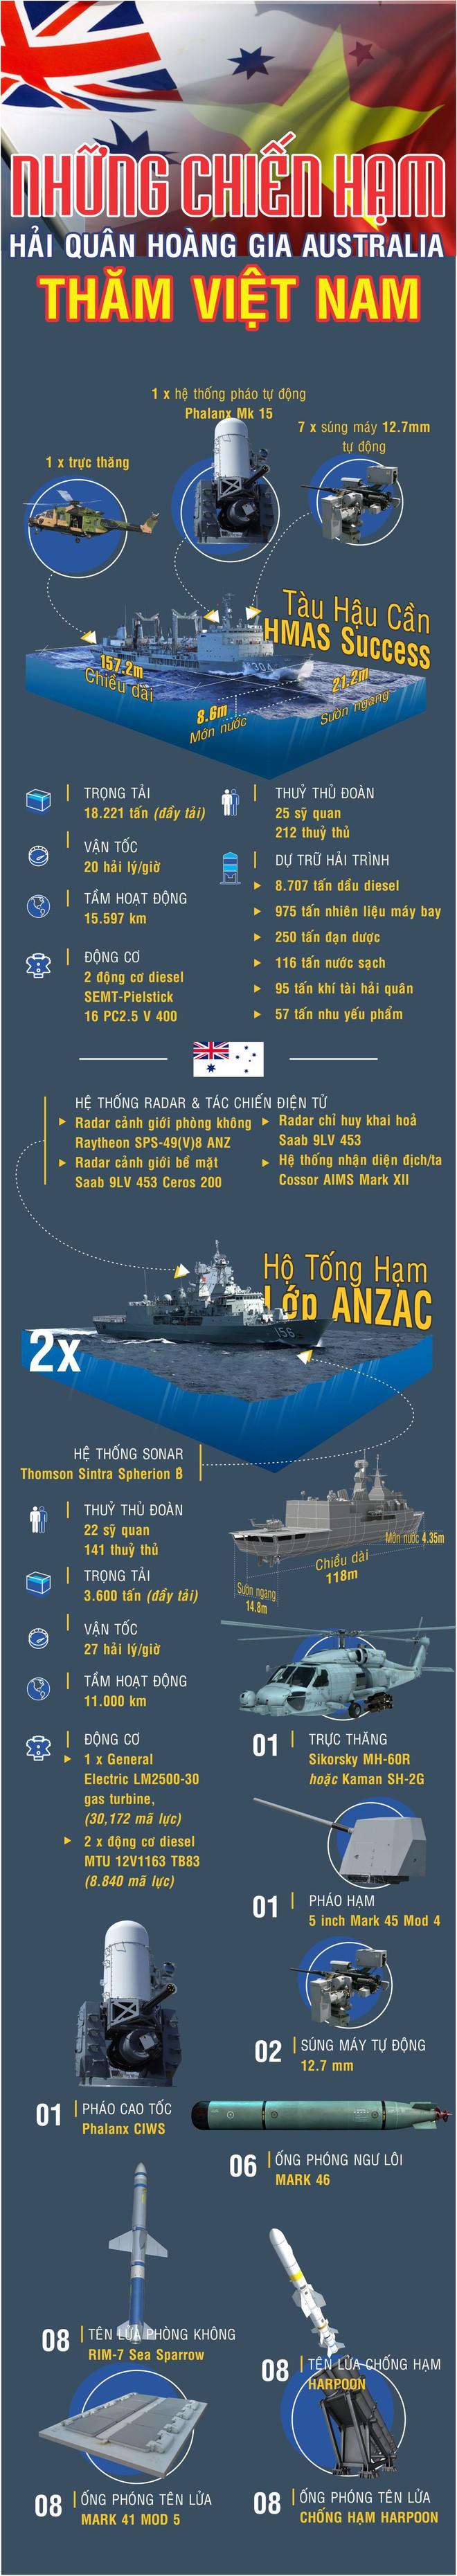 Những chiến hạm hiện đại của Hải quân Australia đang thăm Việt Nam có gì đặc biệt? - Ảnh 1.